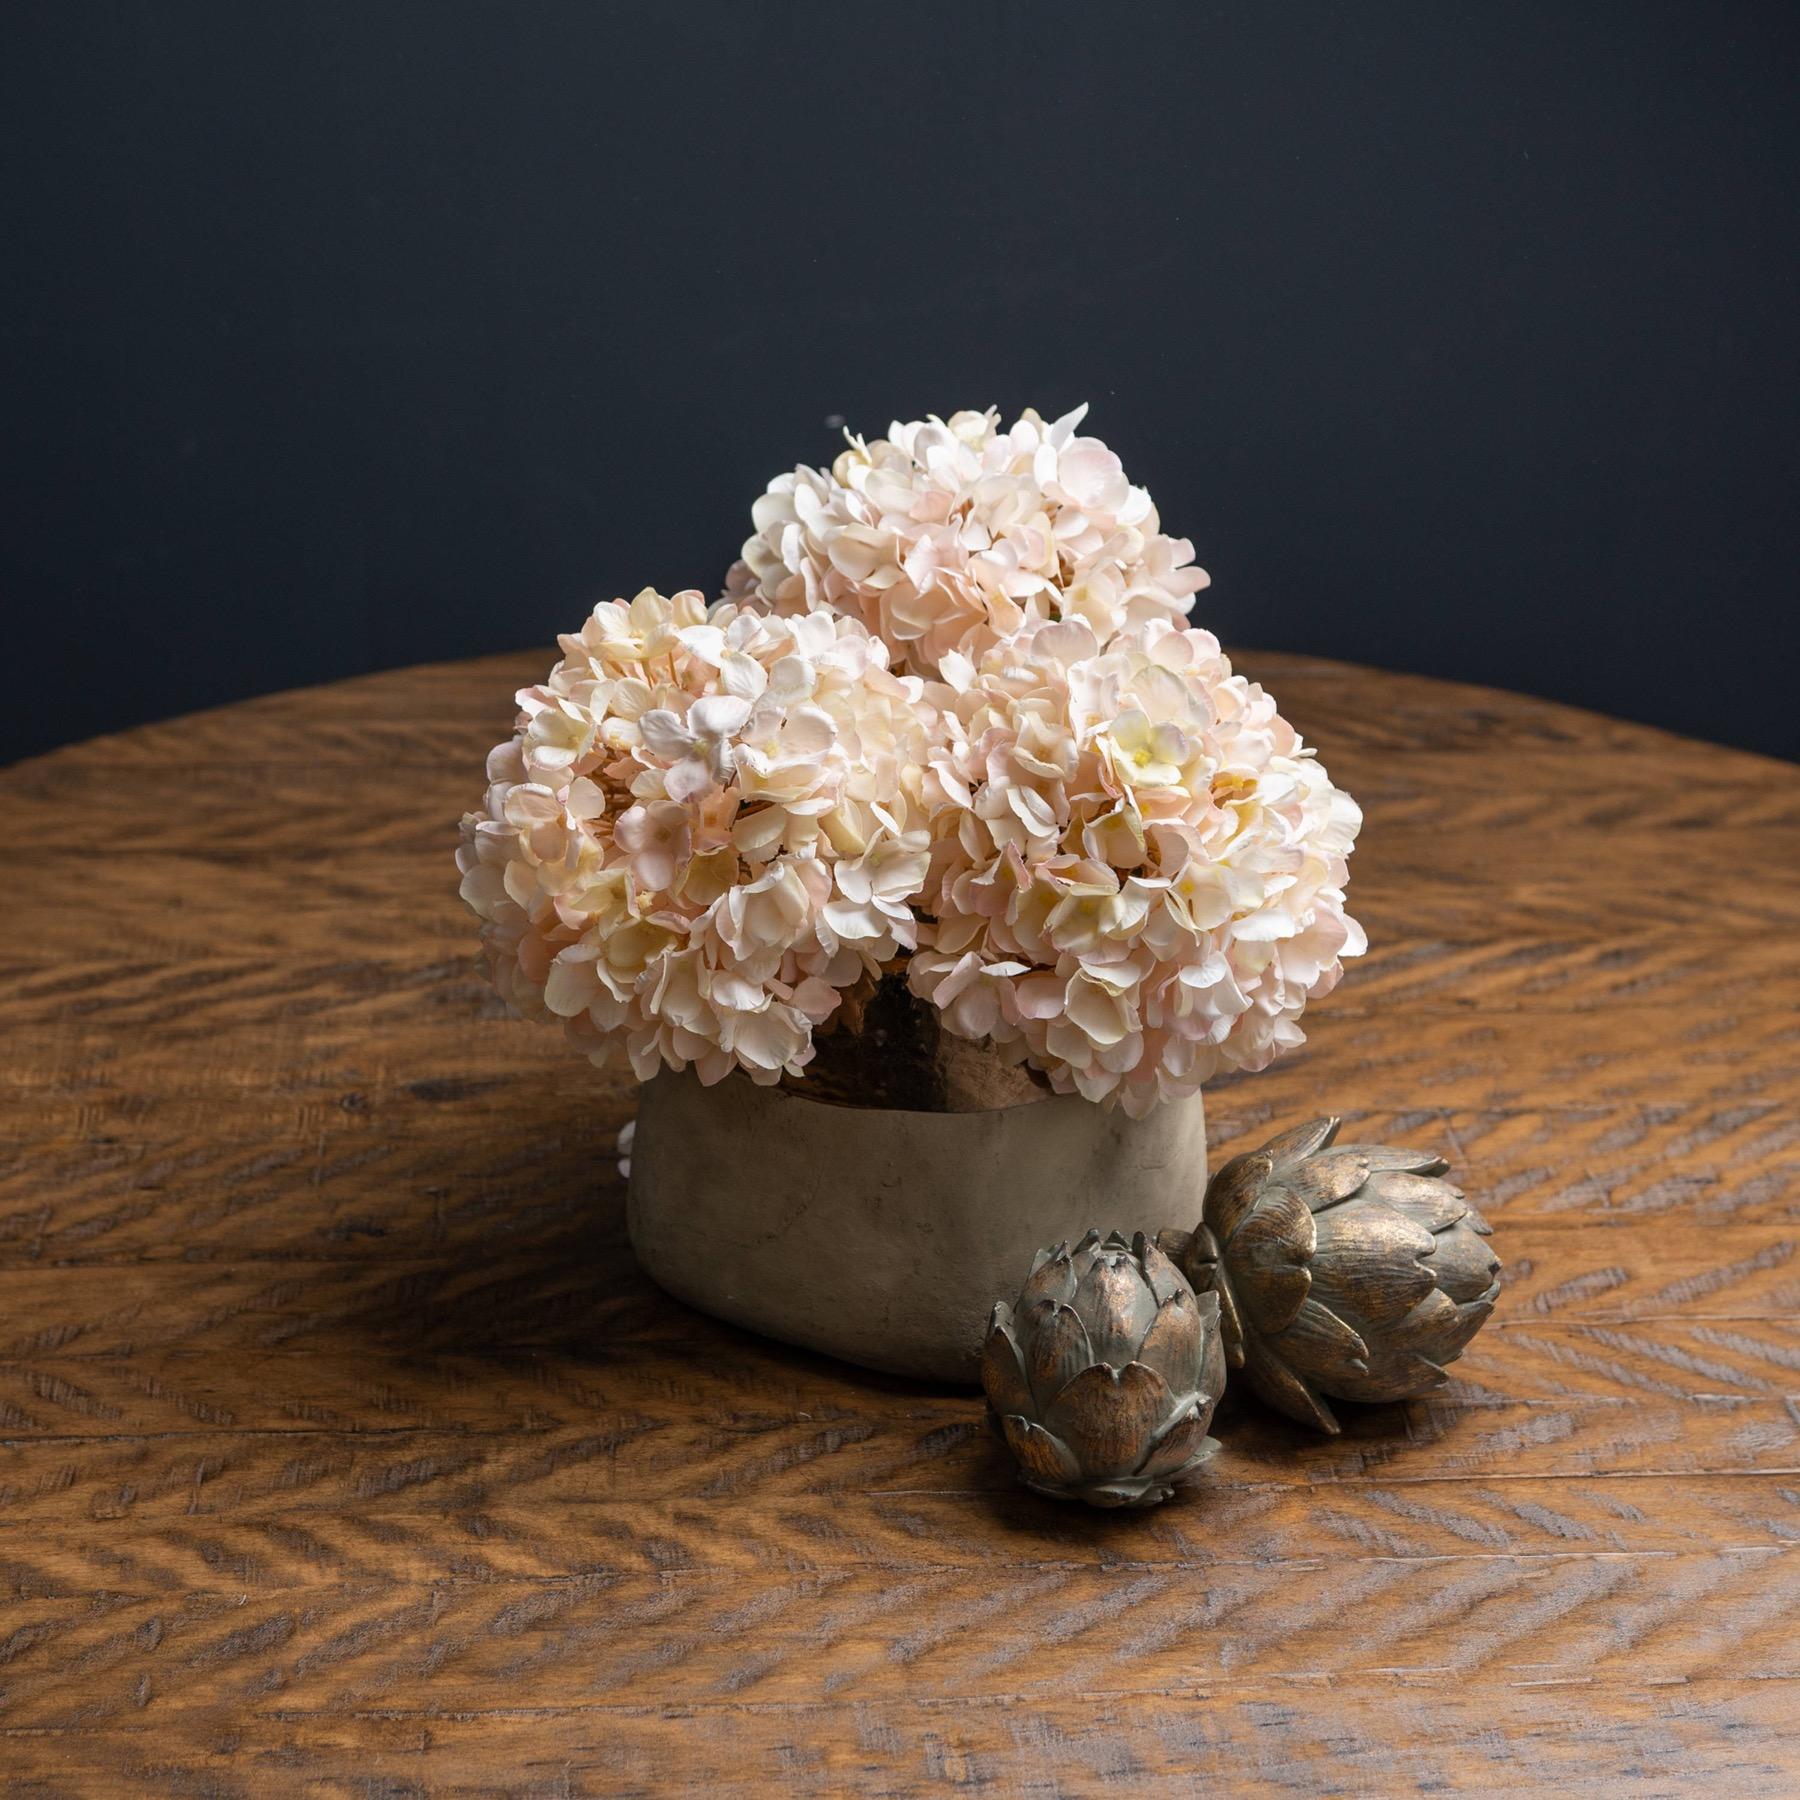 Autumn White Hydrangea - Image 7